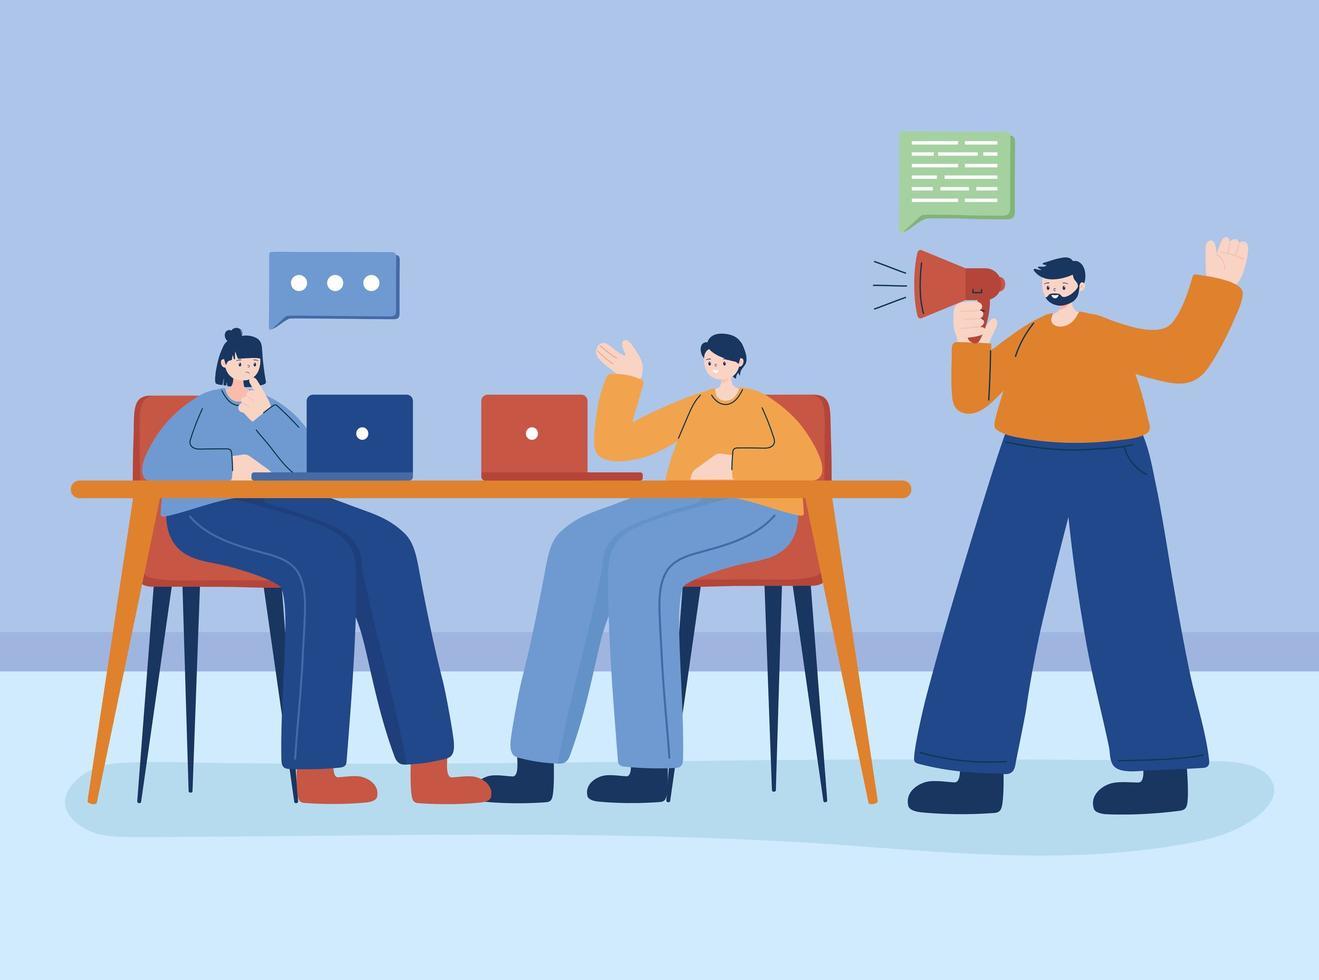 jeunes travaillant sur leurs appareils électroniques vecteur